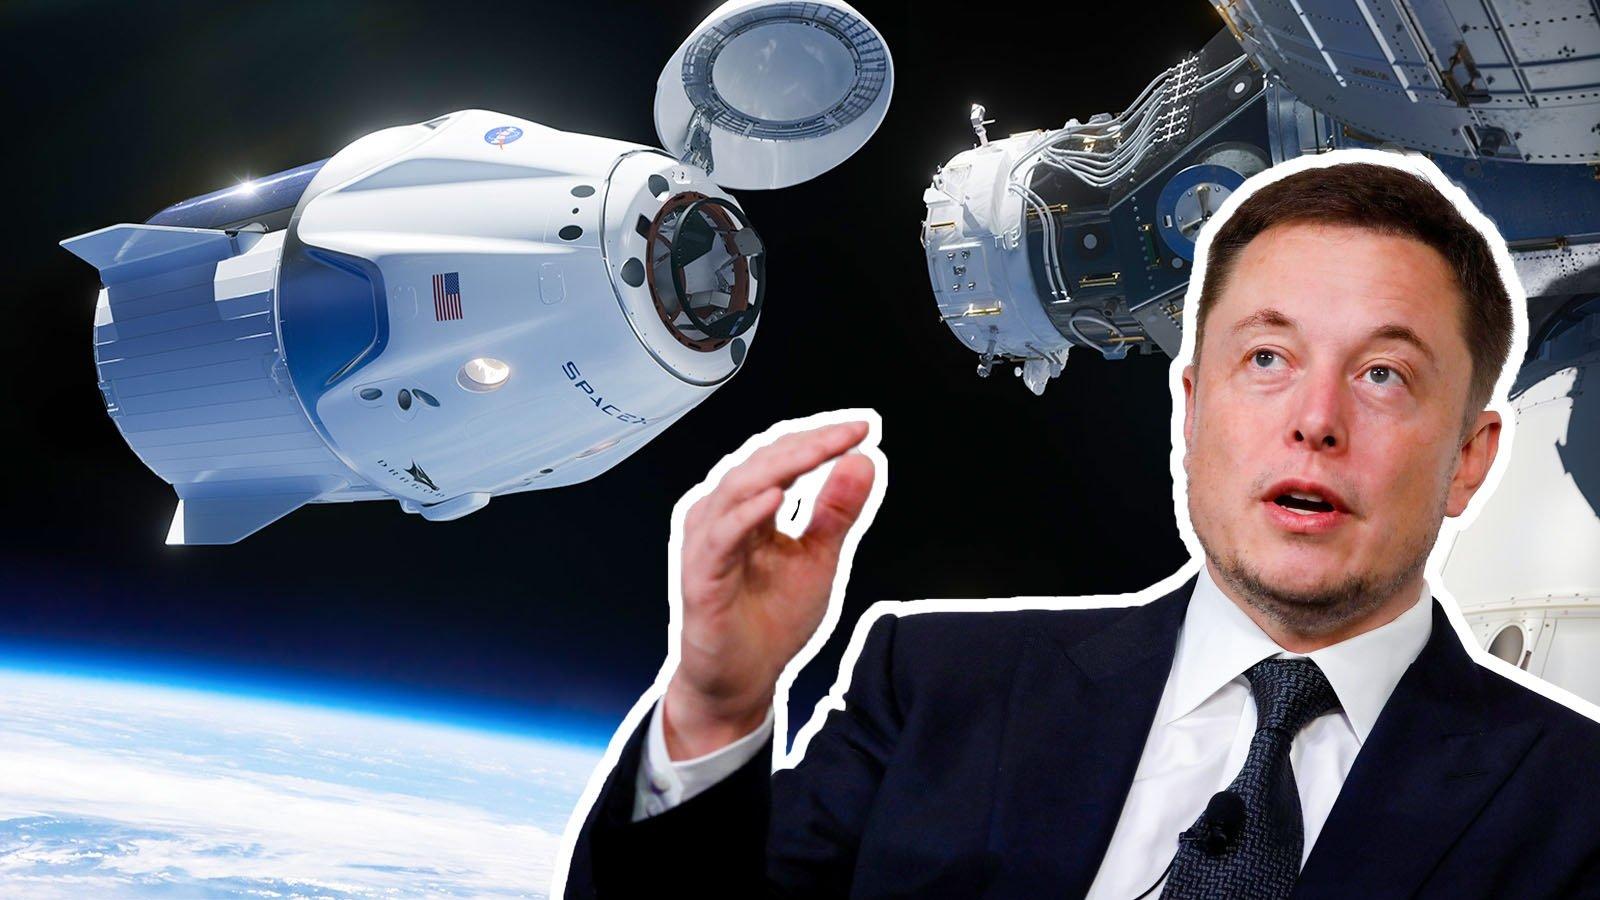 Илон Маск построит на Марсе город, несмотря на высокий риск гибели